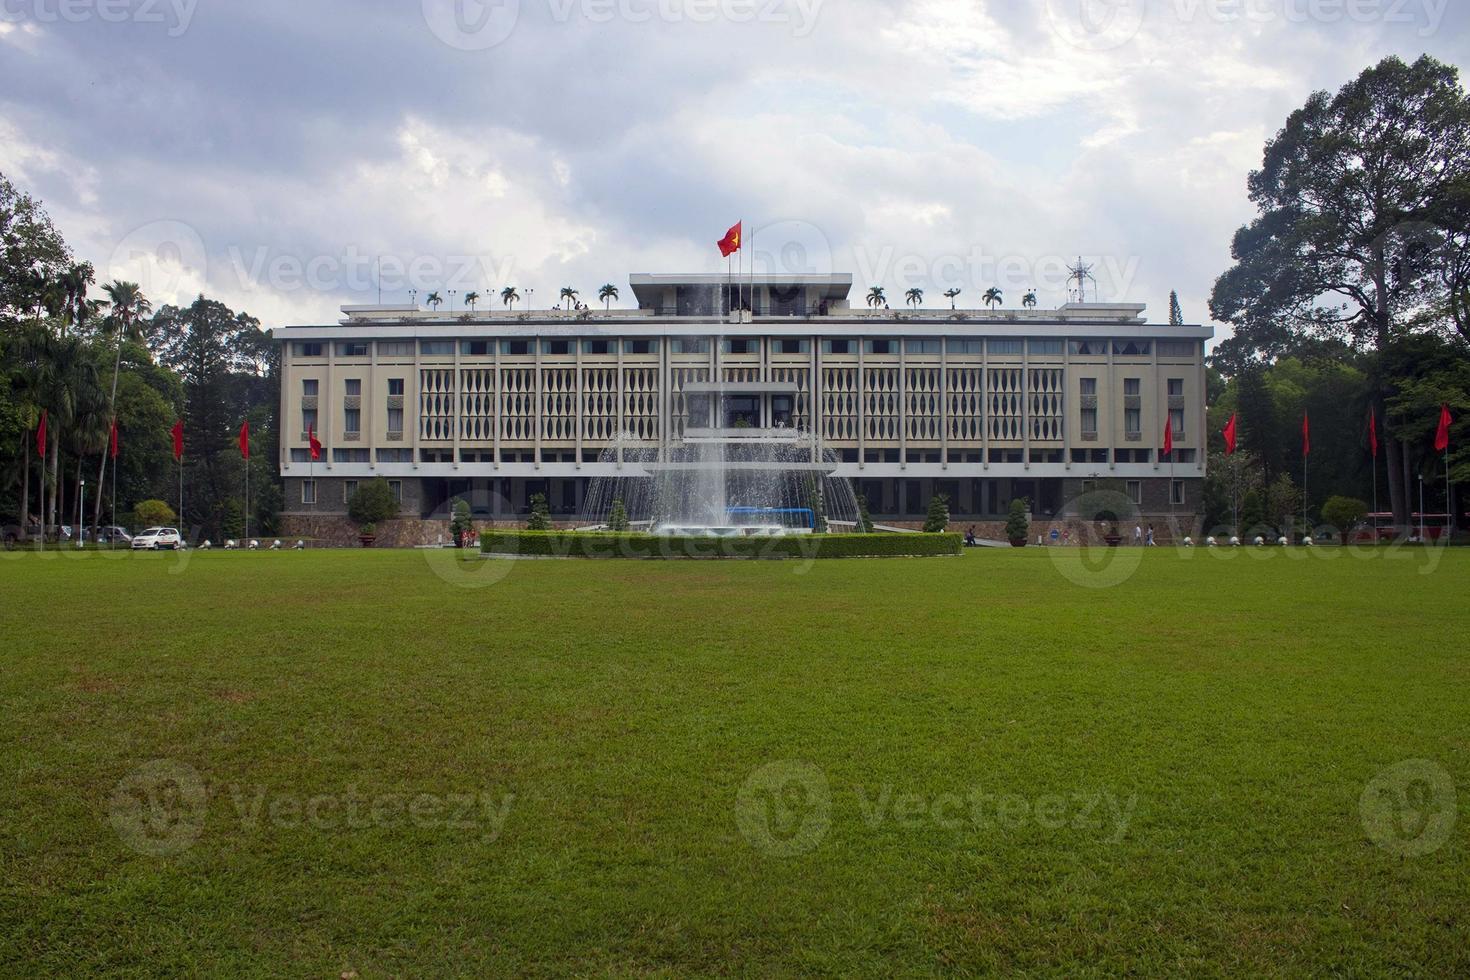 Palast der Wiedervereinigung in der Stadt Ho Chi Minh foto